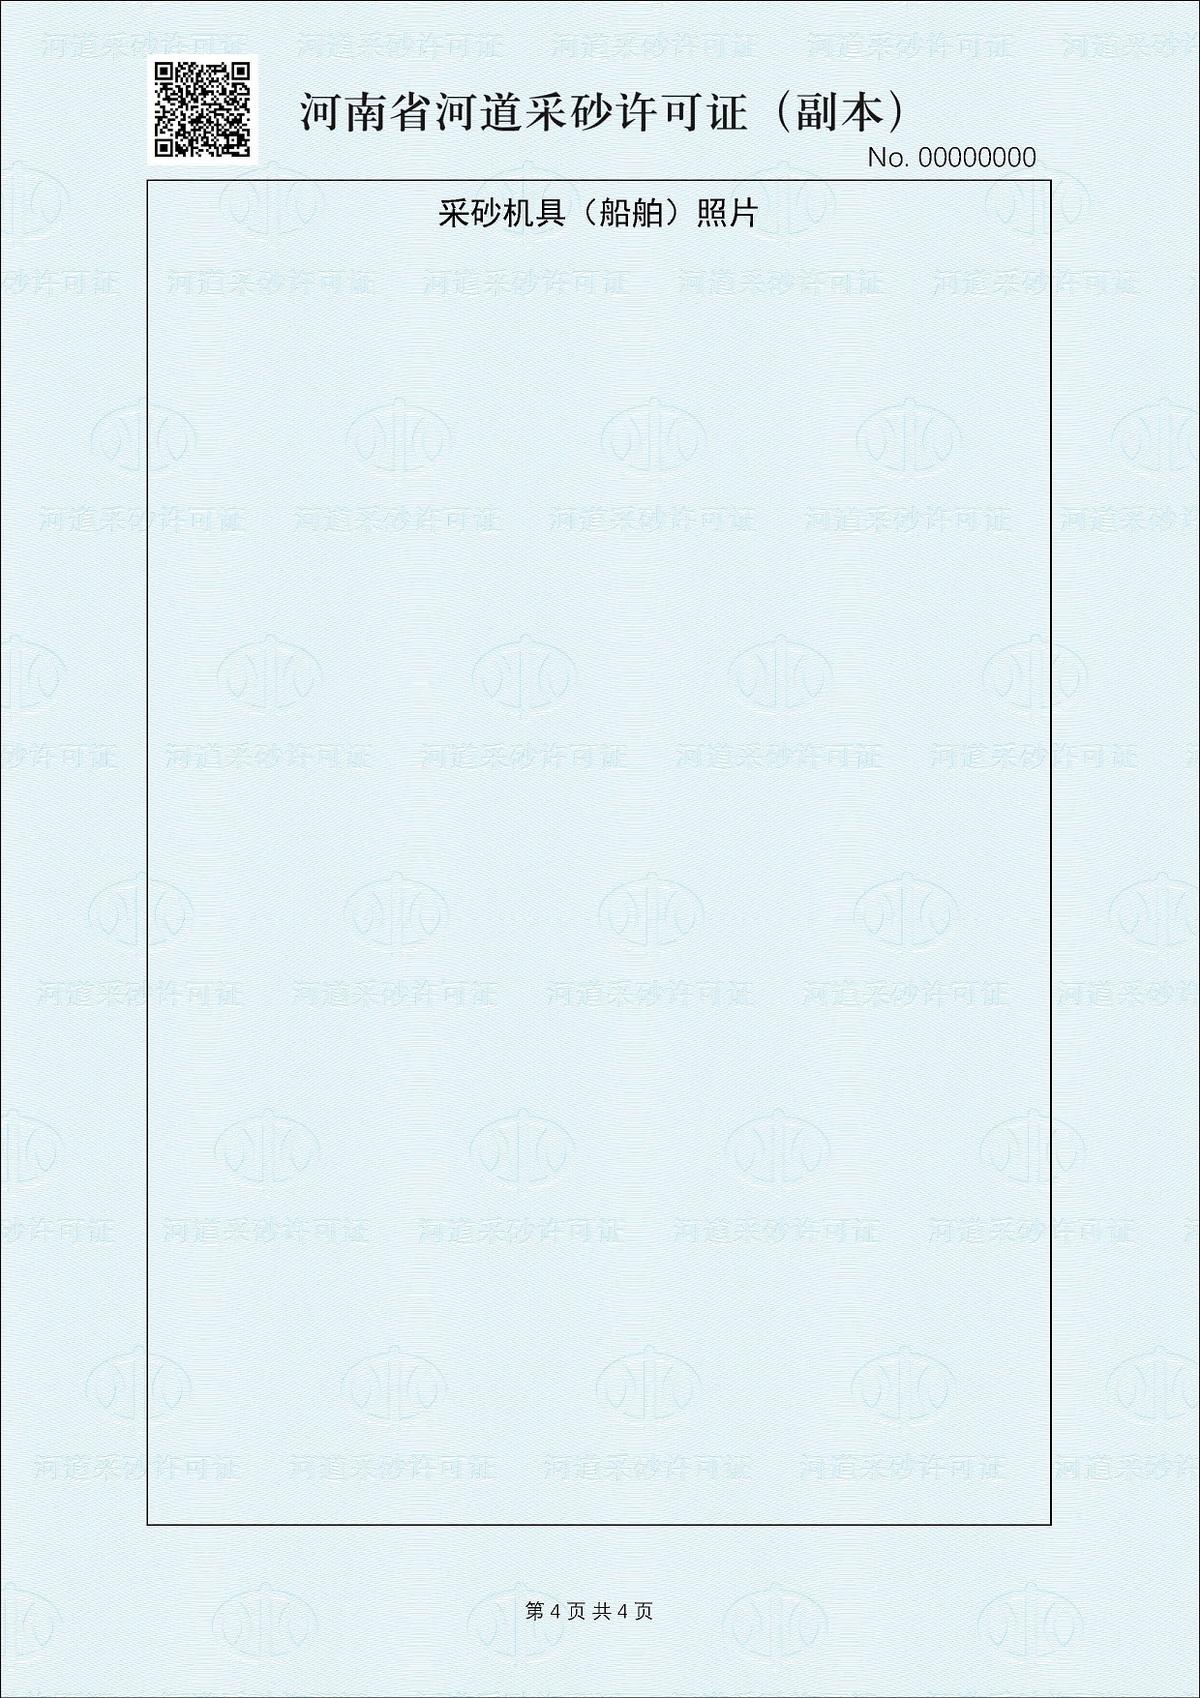 新版河道采砂許可證將于1月1日正式啟用(圖5)